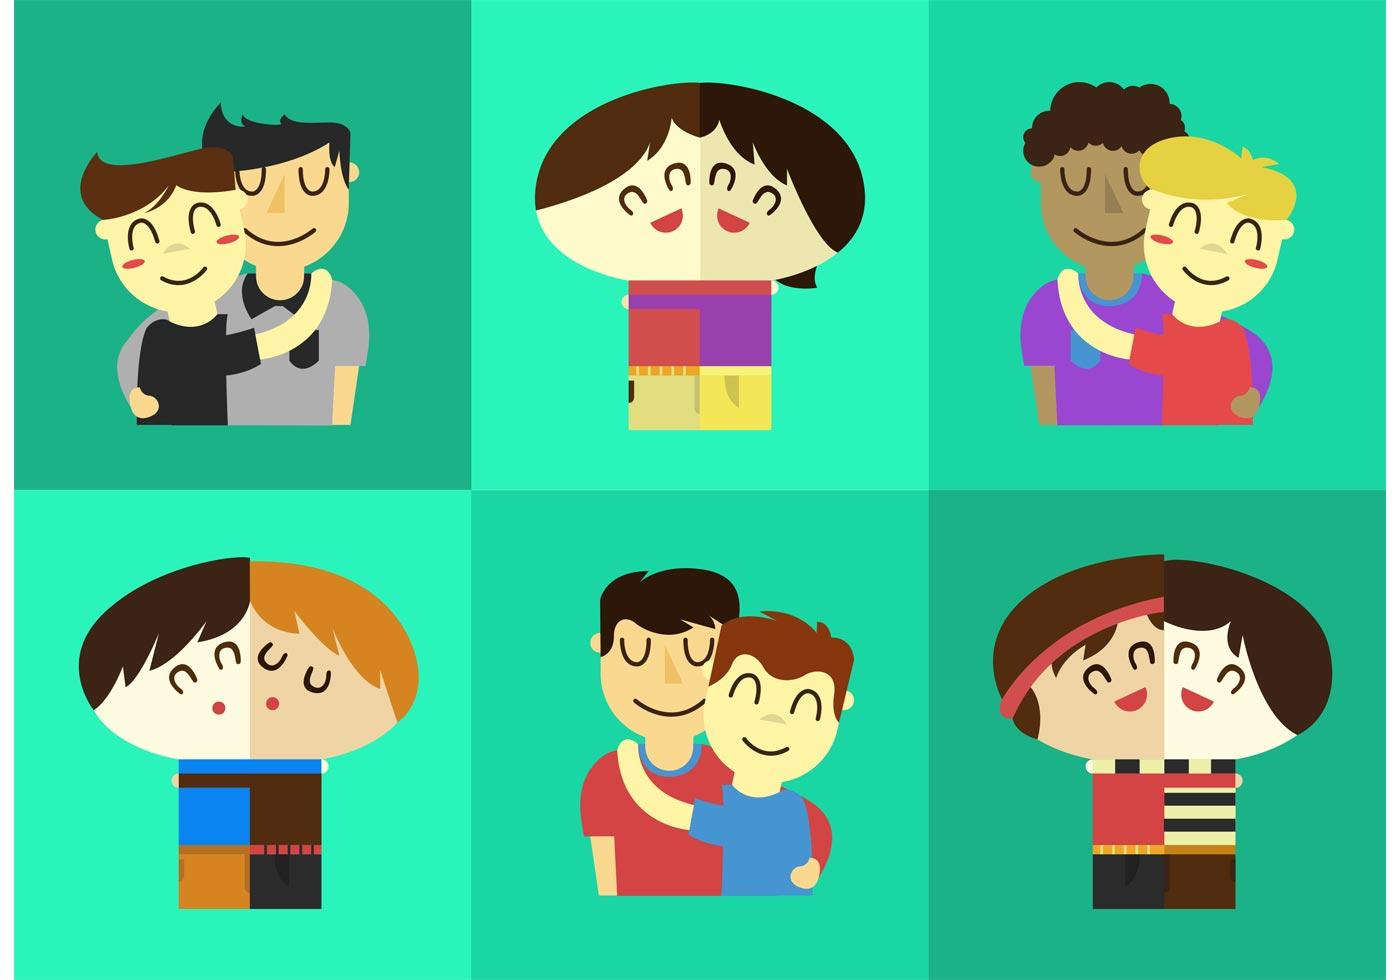 Vector Friends Hugging - Download Free Vector Art, Stock ...